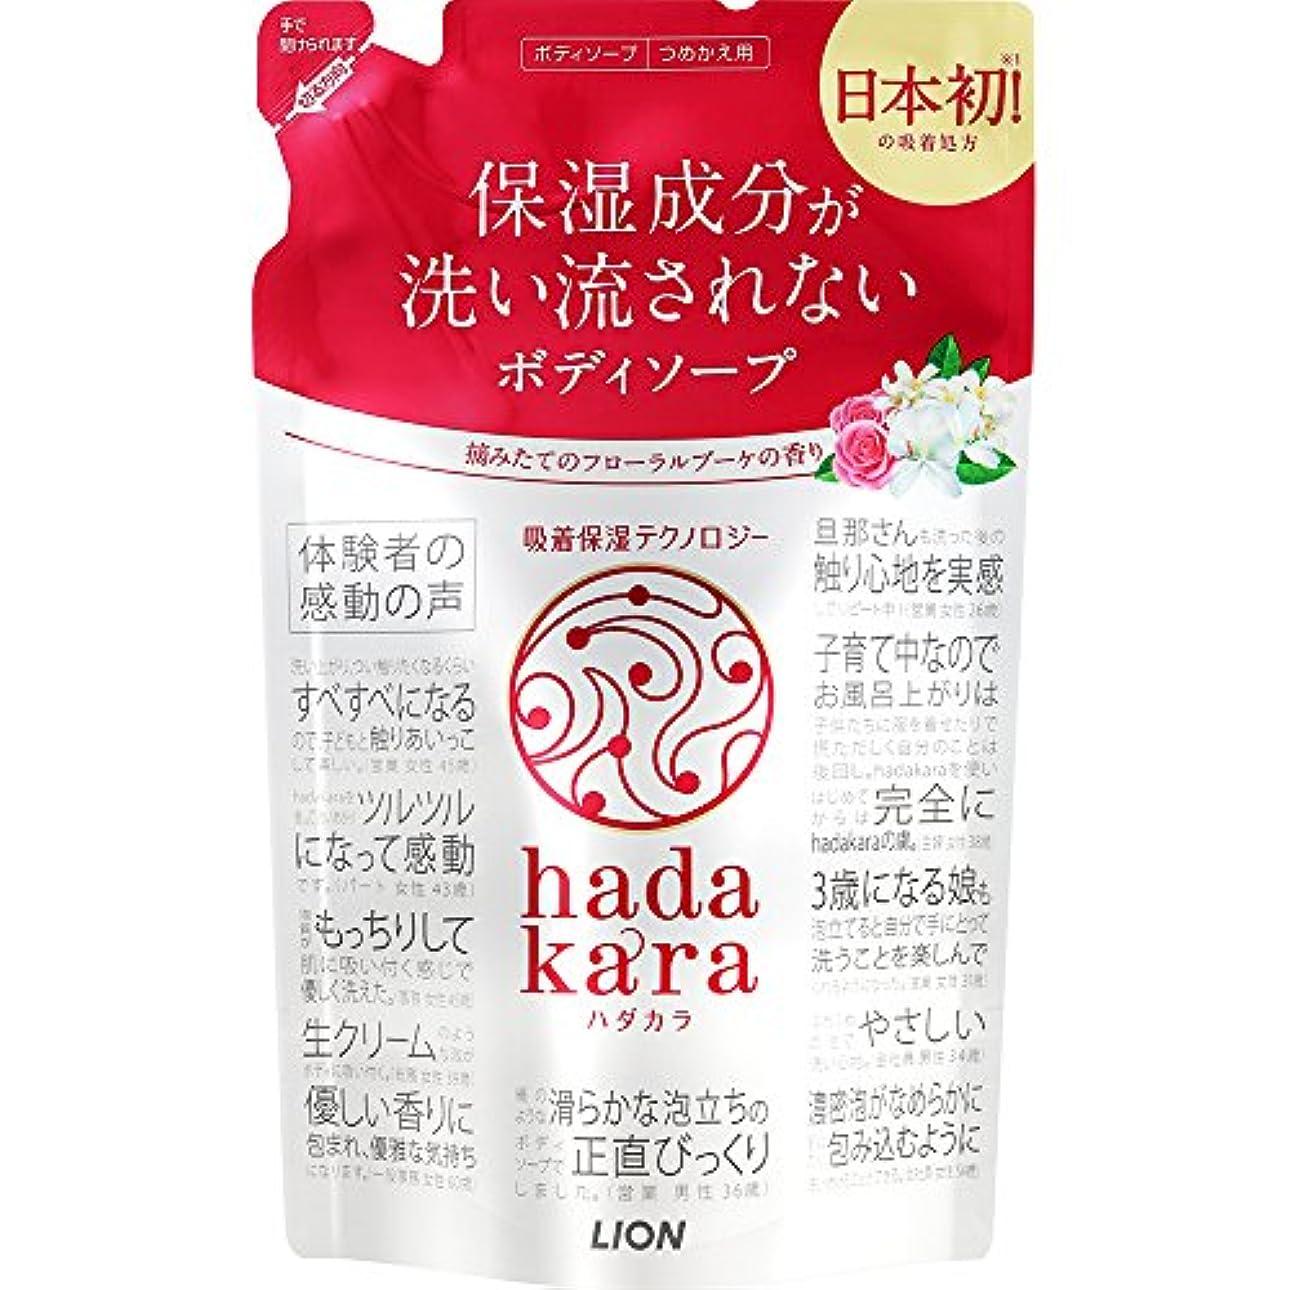 困ったペグスナックhadakara(ハダカラ) ボディソープ フローラルブーケの香り 詰め替え 360ml